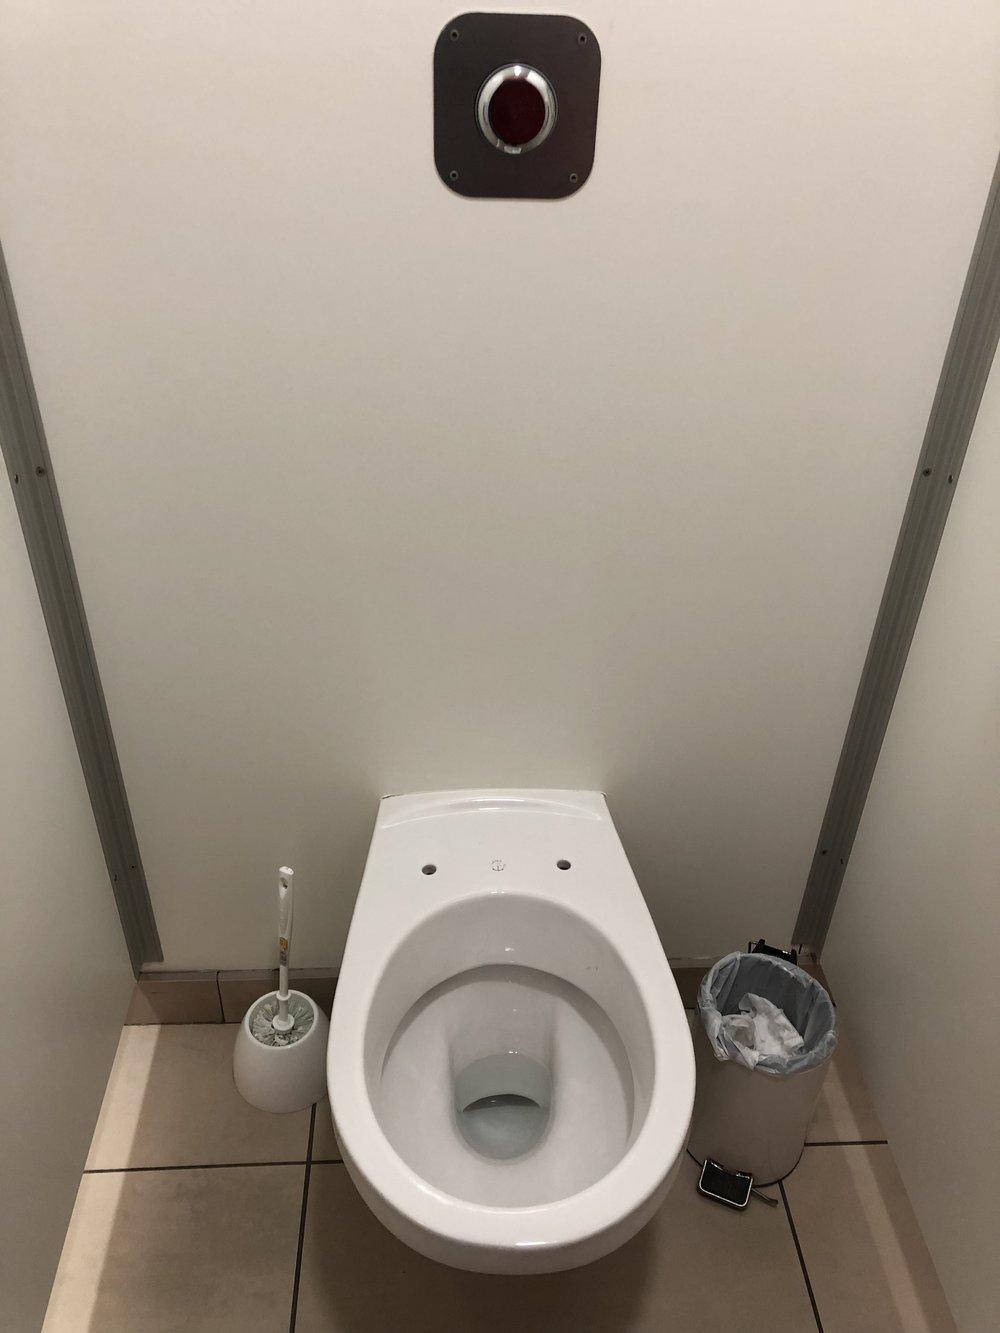 ここだけだと思ったらここ以外にも便座なしのトイレがあった、、、 どういう仕組み?便座代節約なのか?